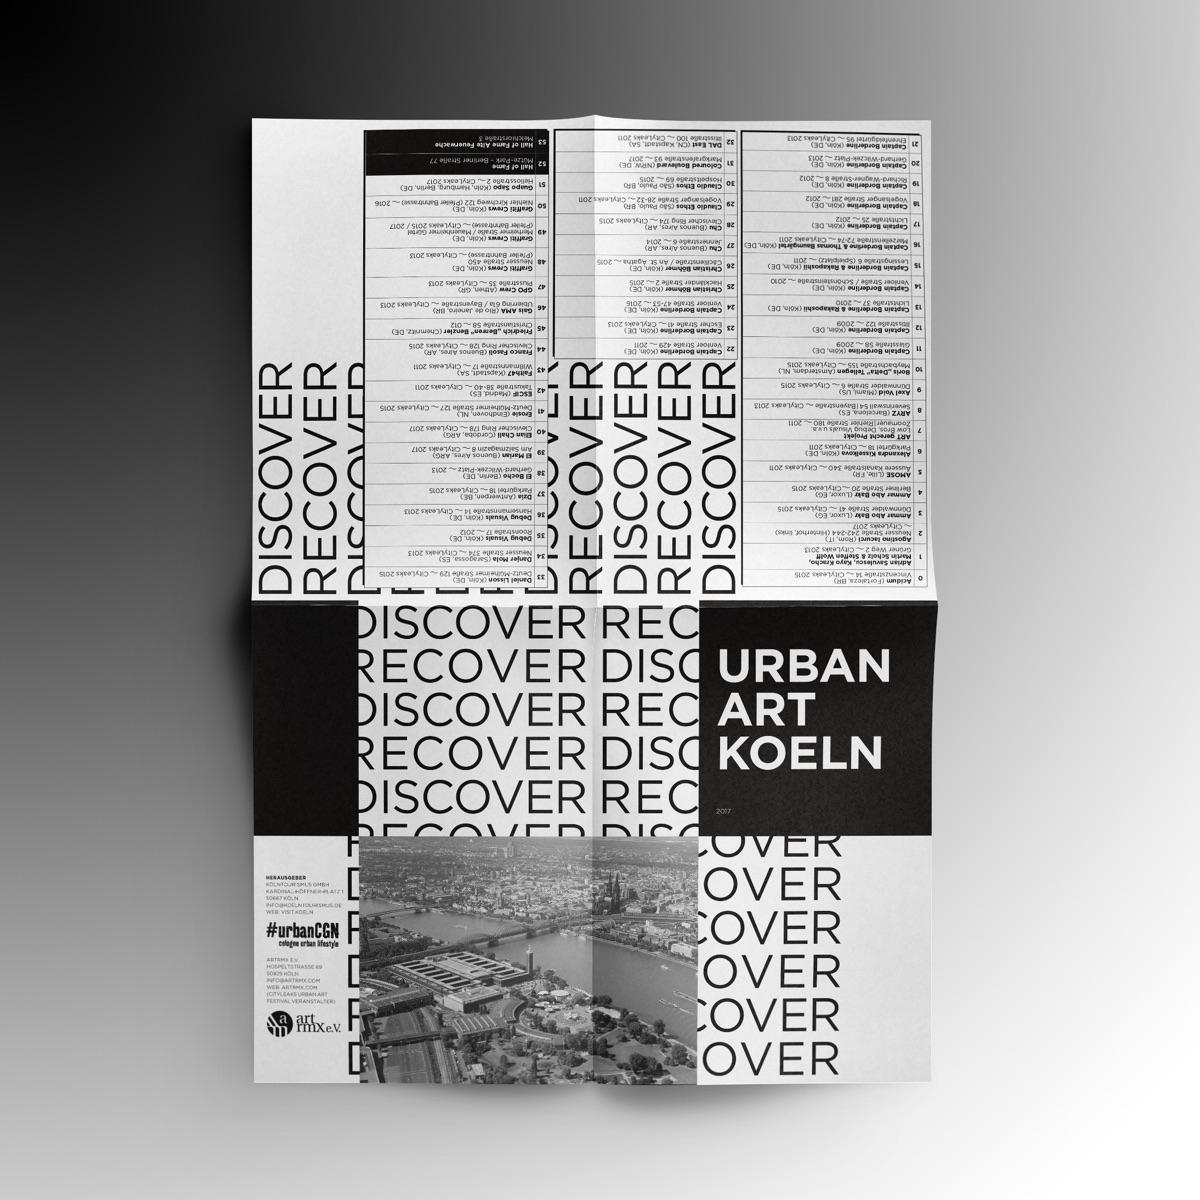 recover discover — urban art ko - pomesone | ello